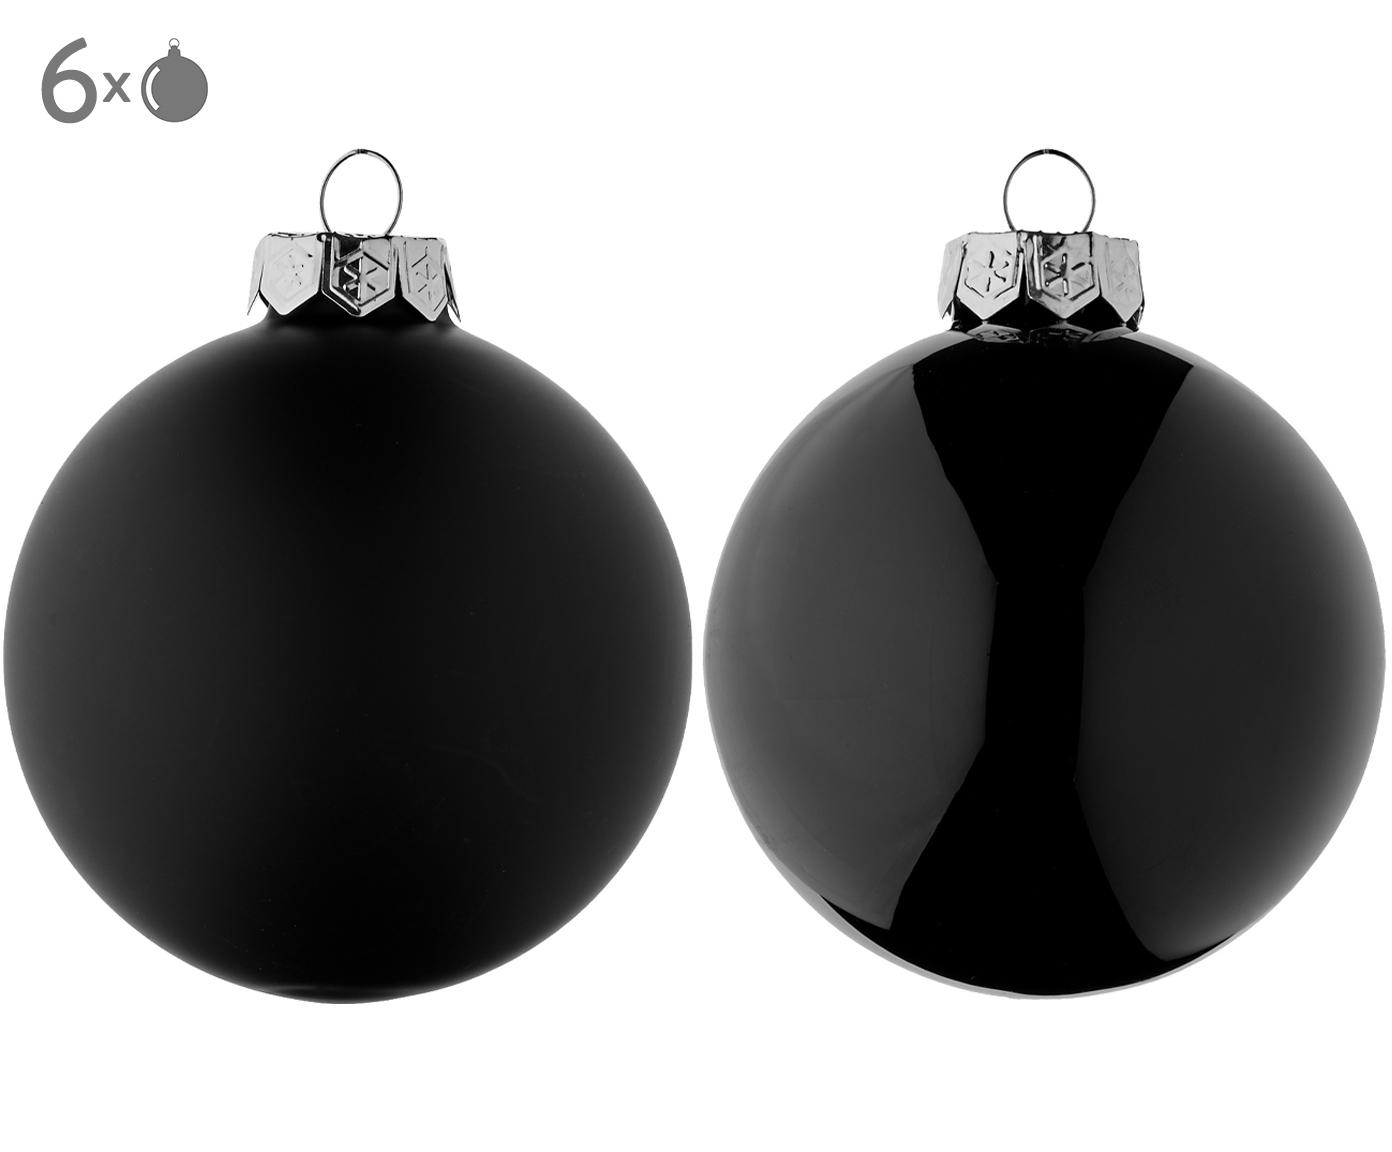 Weihnachtskugel-Set Evergreen, 6-tlg., Schwarz, Ø 8 cm